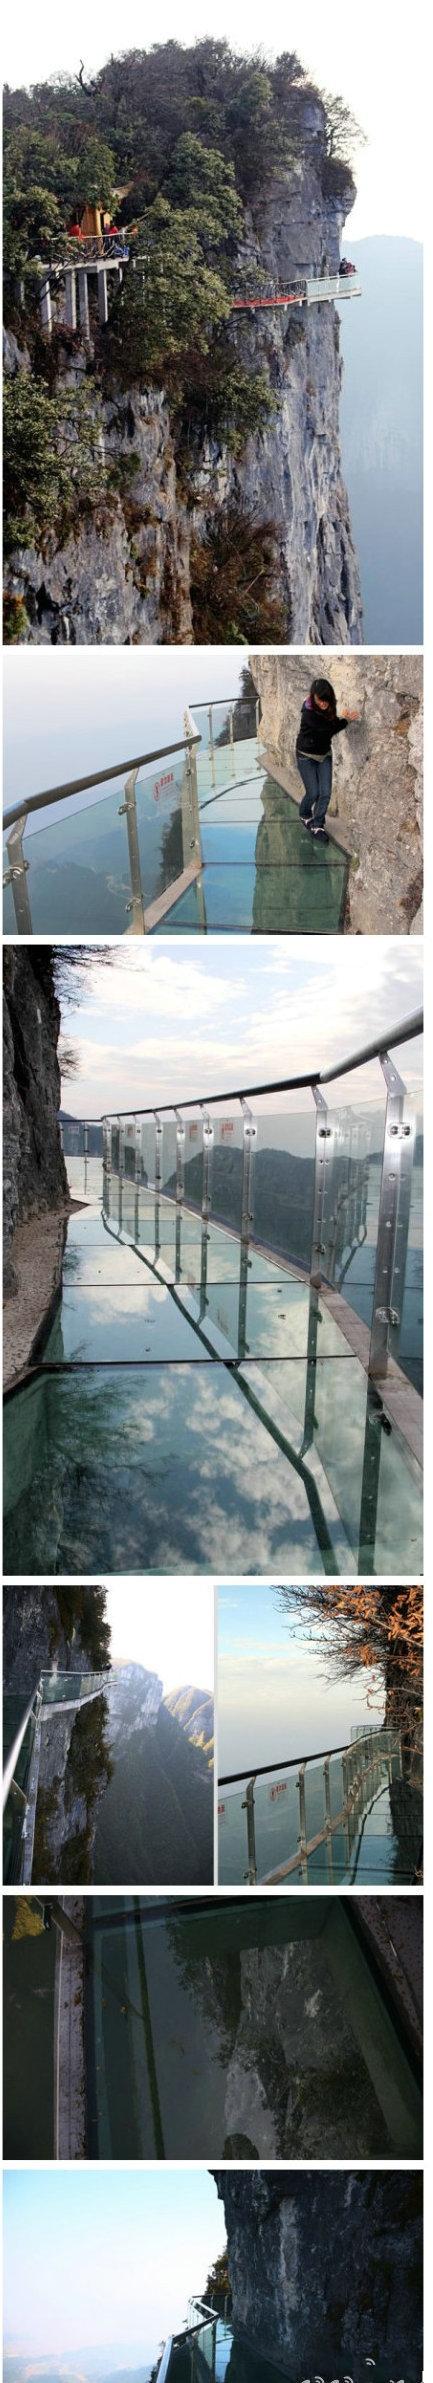 【要有多大勇气,才敢走这样的玻璃栈道?】是位于张家界的天门山国家森林公园中的某条栈道,海拔高度足有1430米。你敢走吗